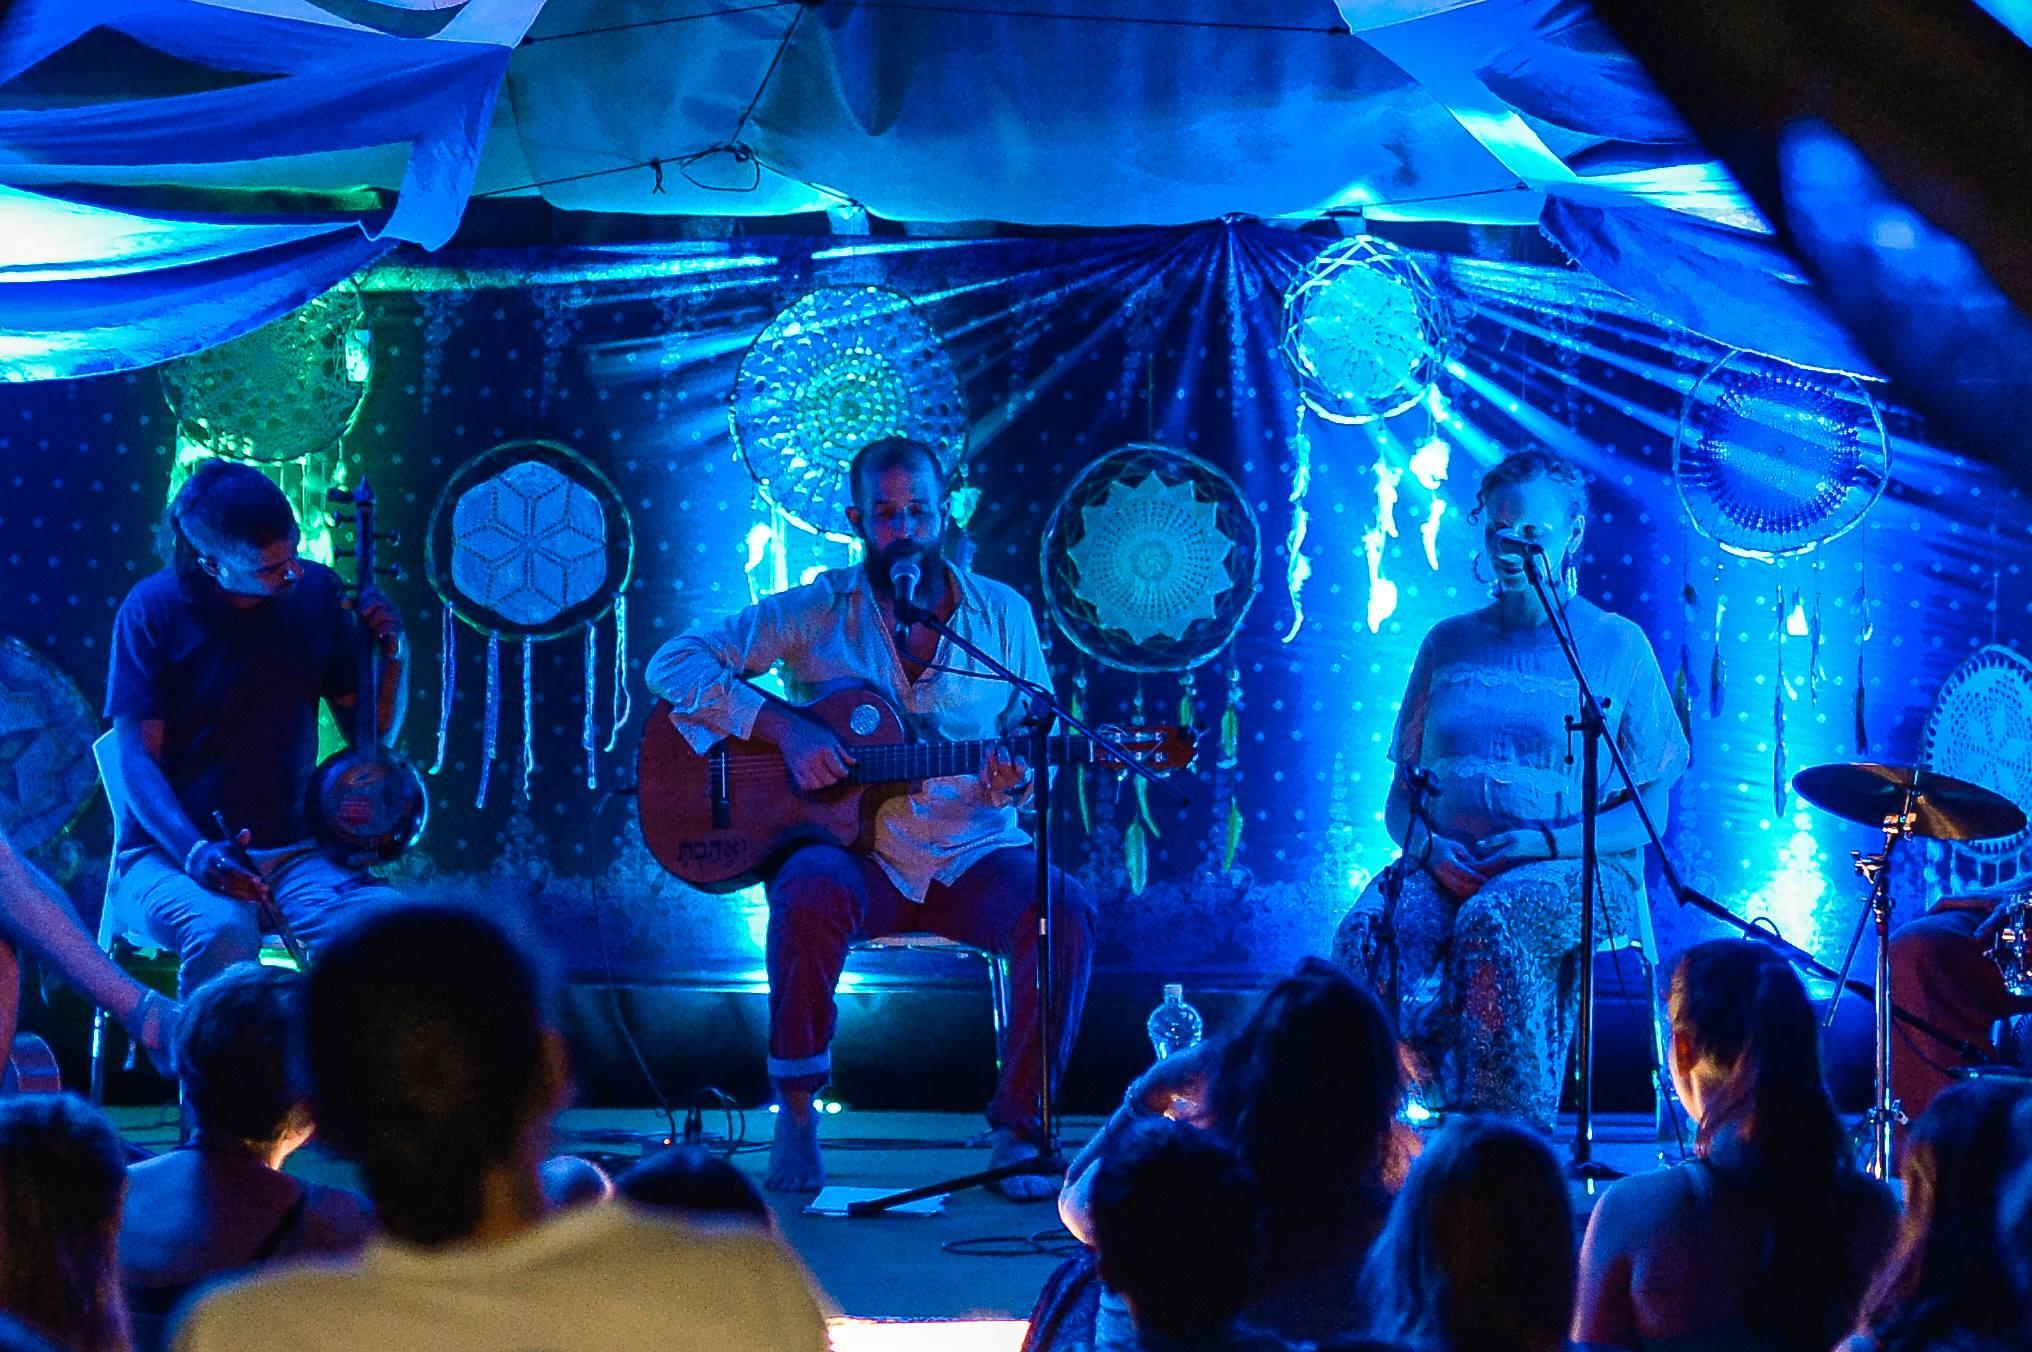 Everness Indián Nyár -  zenék az elmélyülés jegyében